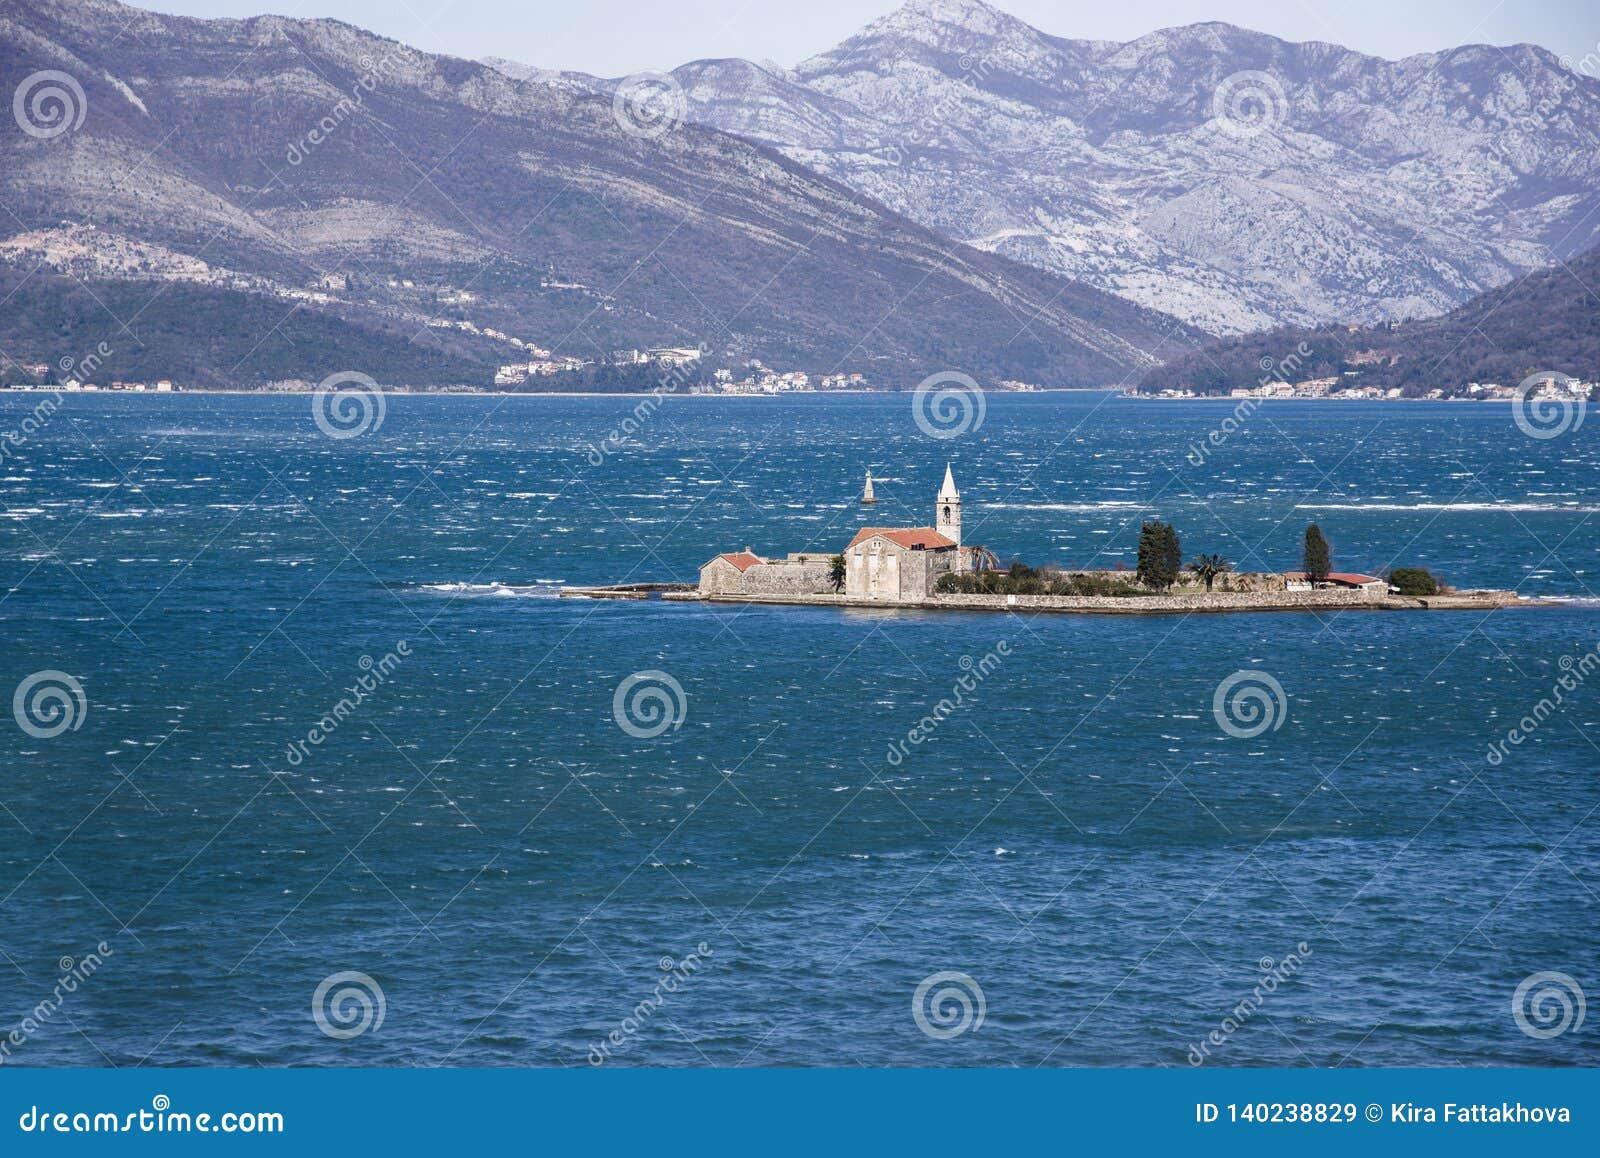 Widok Otok wyspy Gospa od Milo zatoka Tivat, Montenegro, na wietrznym zima dniu 2019-02-23 11:49